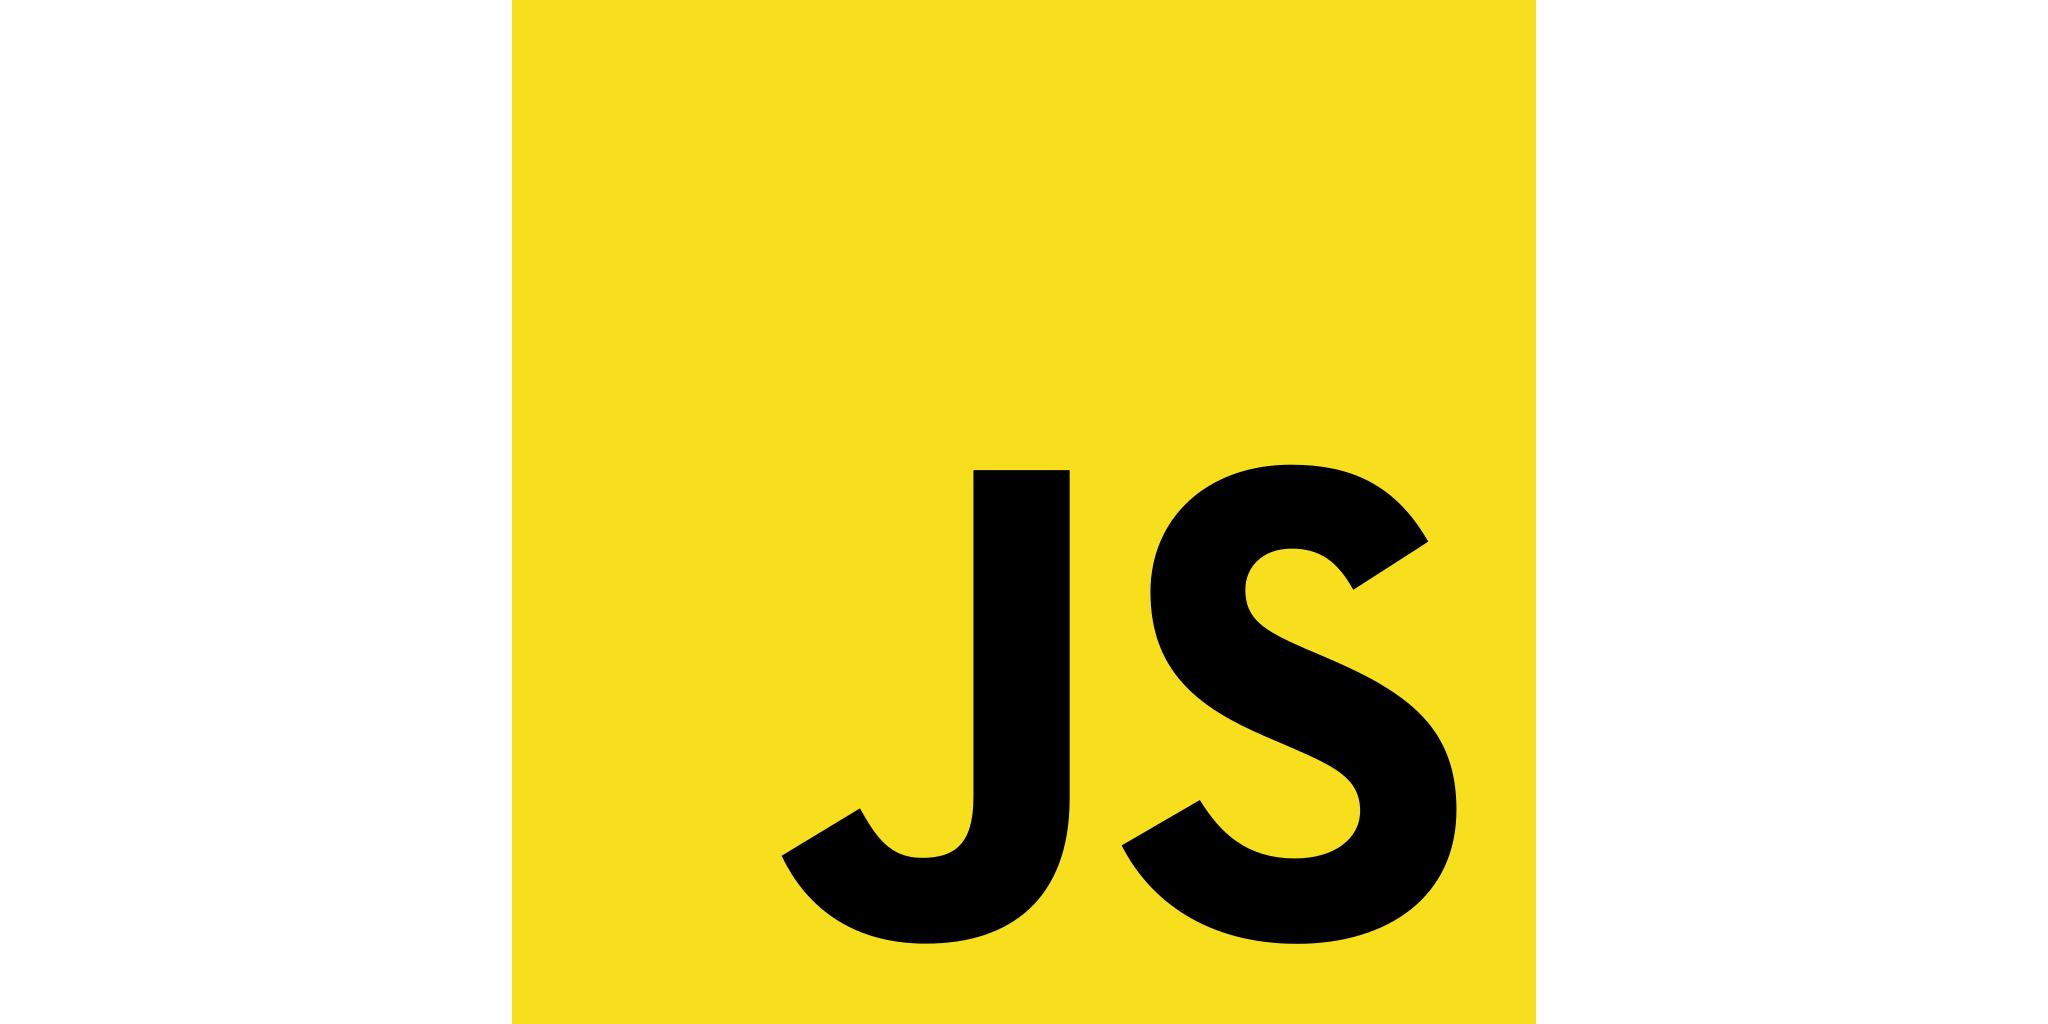 Background image javascript - Javascript